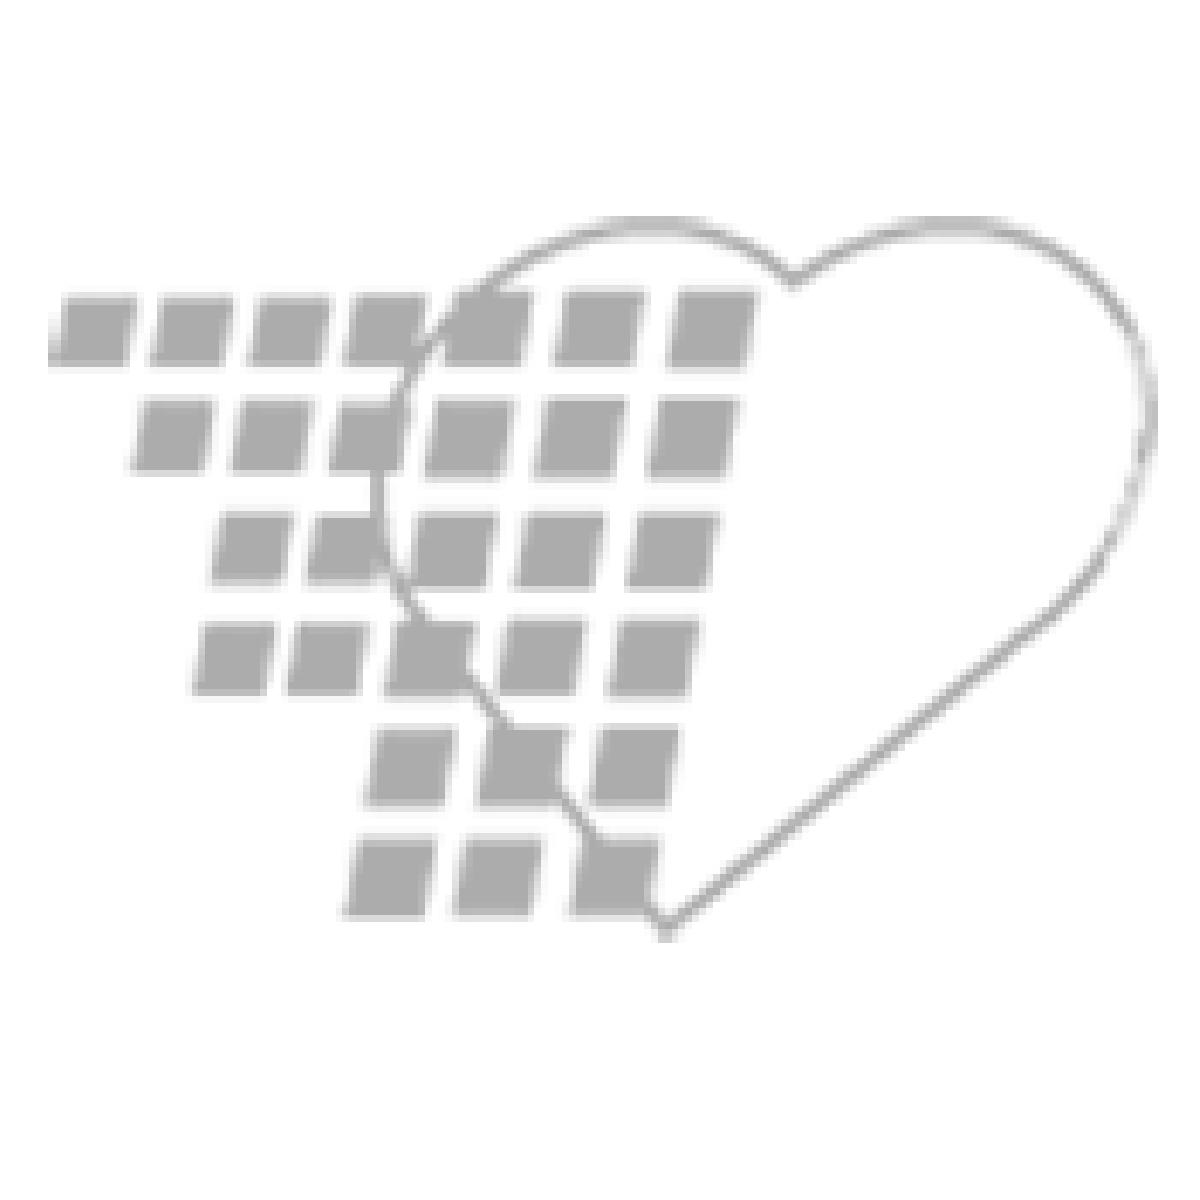 12-81-1650-WH - Laerdal Pediatric Multi-Venous IV Arm Kit - Light